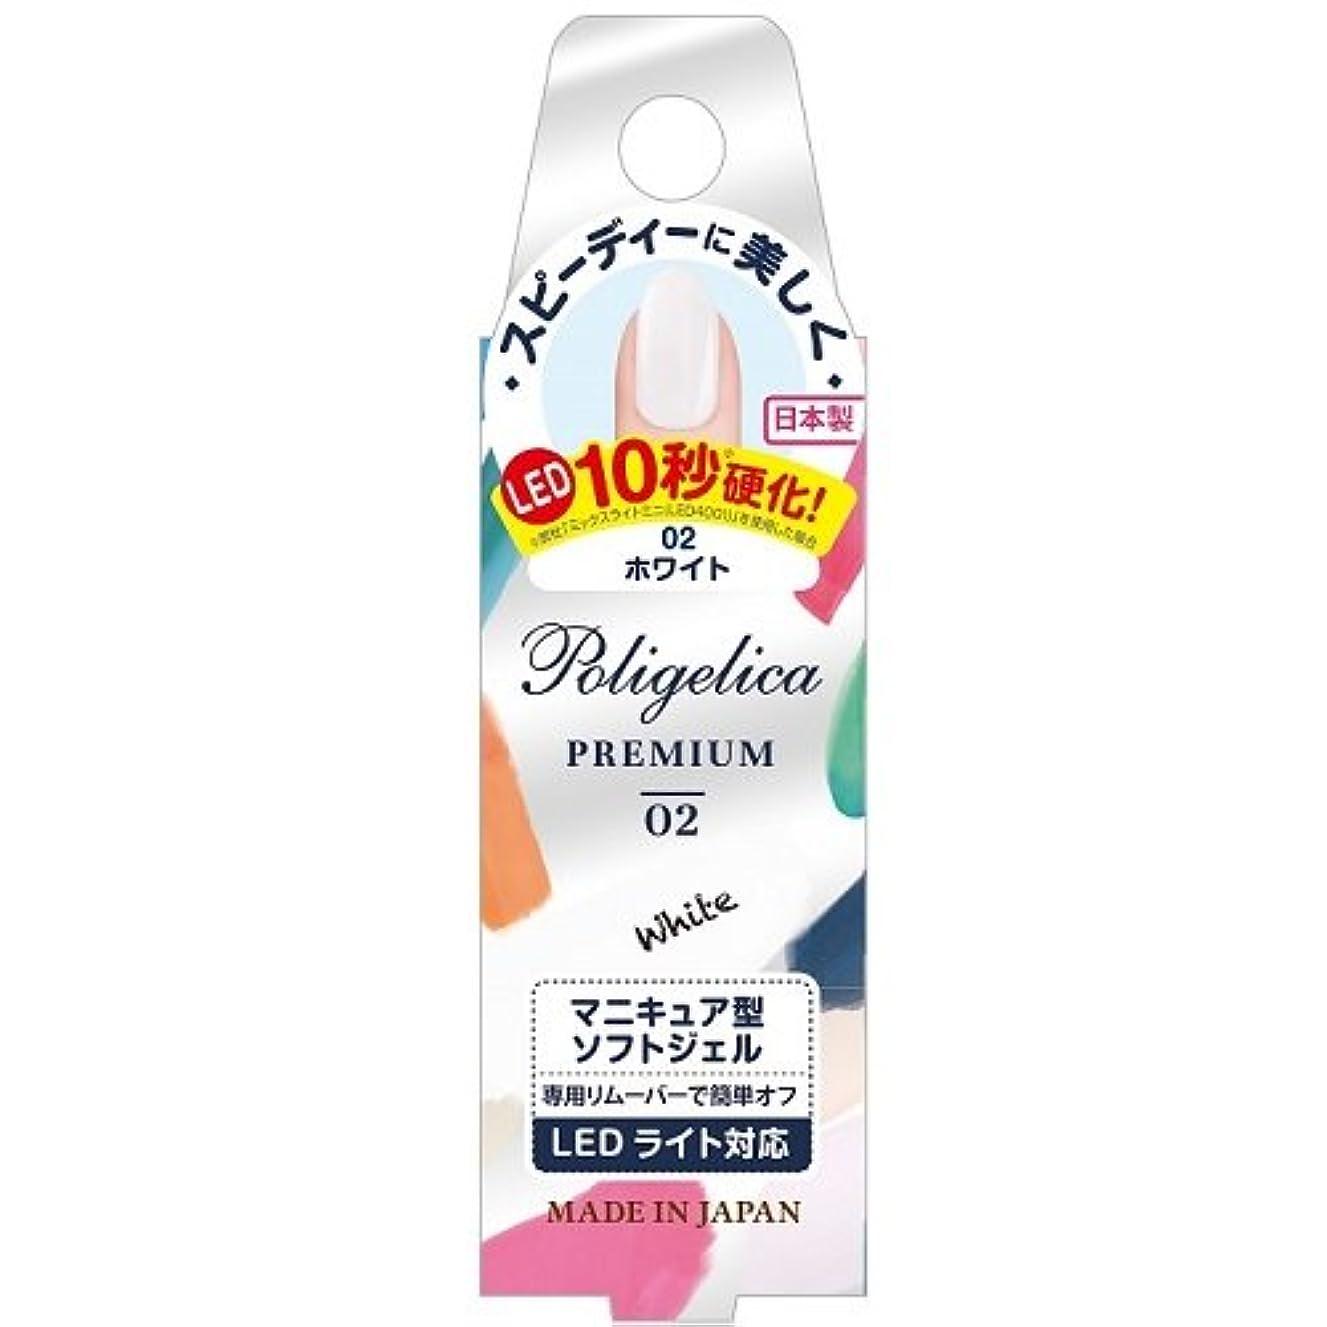 水星賞賛有効なBW ポリジェリカプレミアム カラージェル 1002/ホワイト (6g)